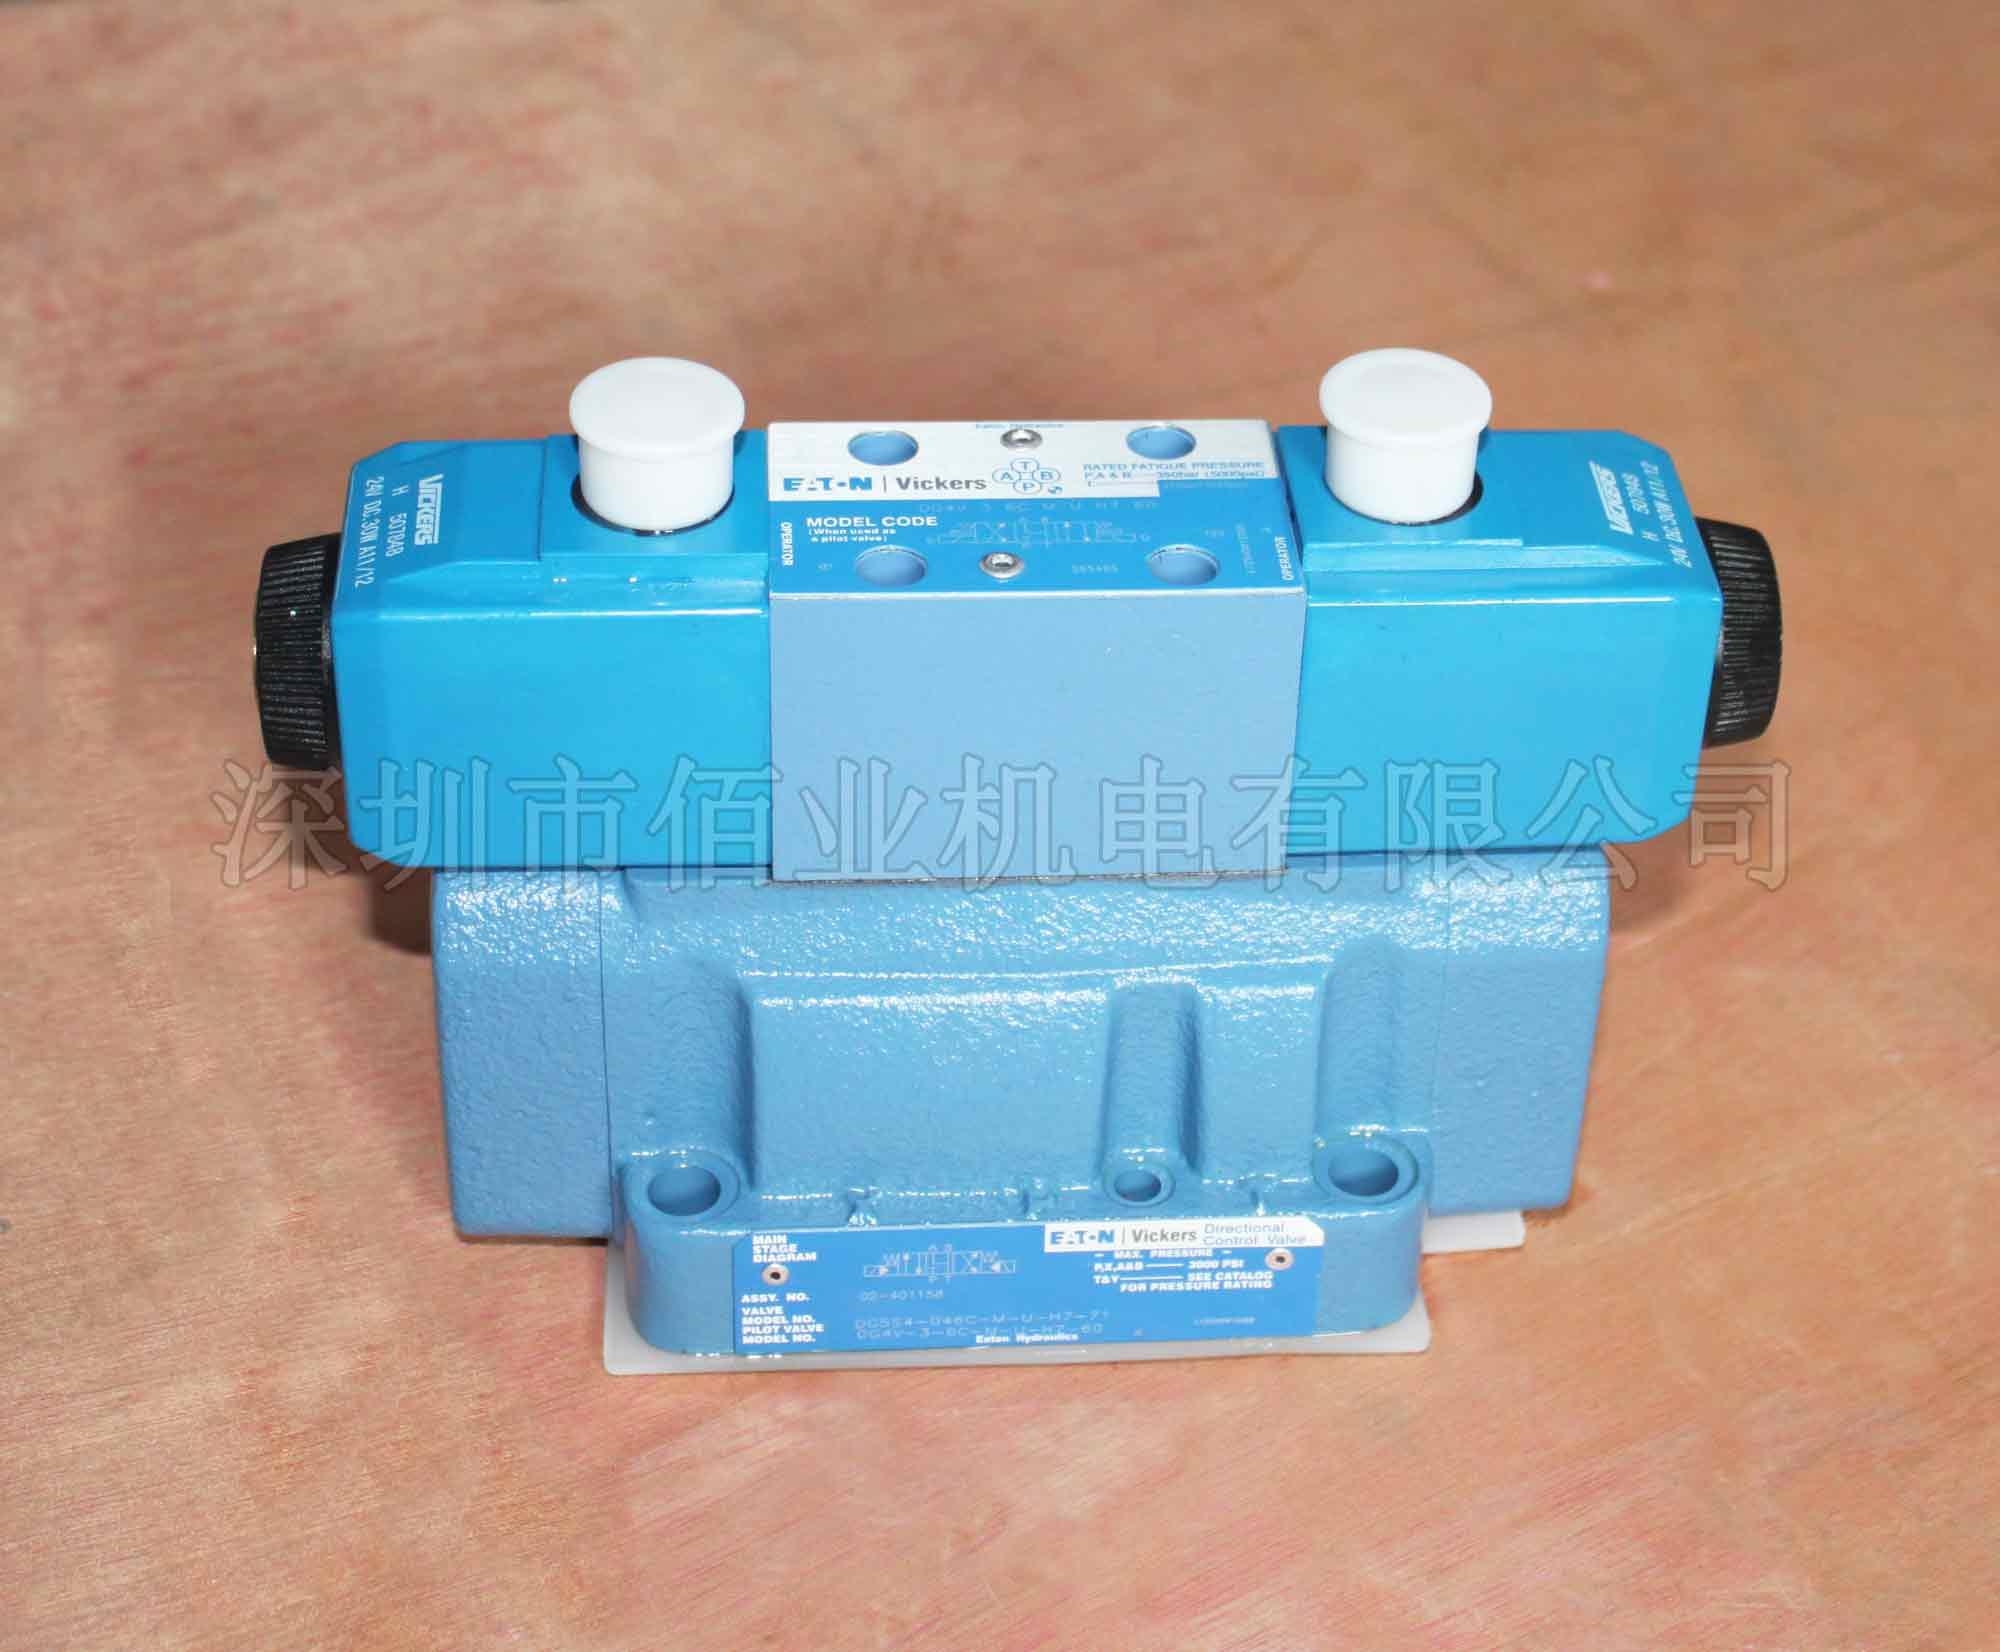 伊頓威格士電液閥,DG5S4-046C-M-U-H7-71,02-401158